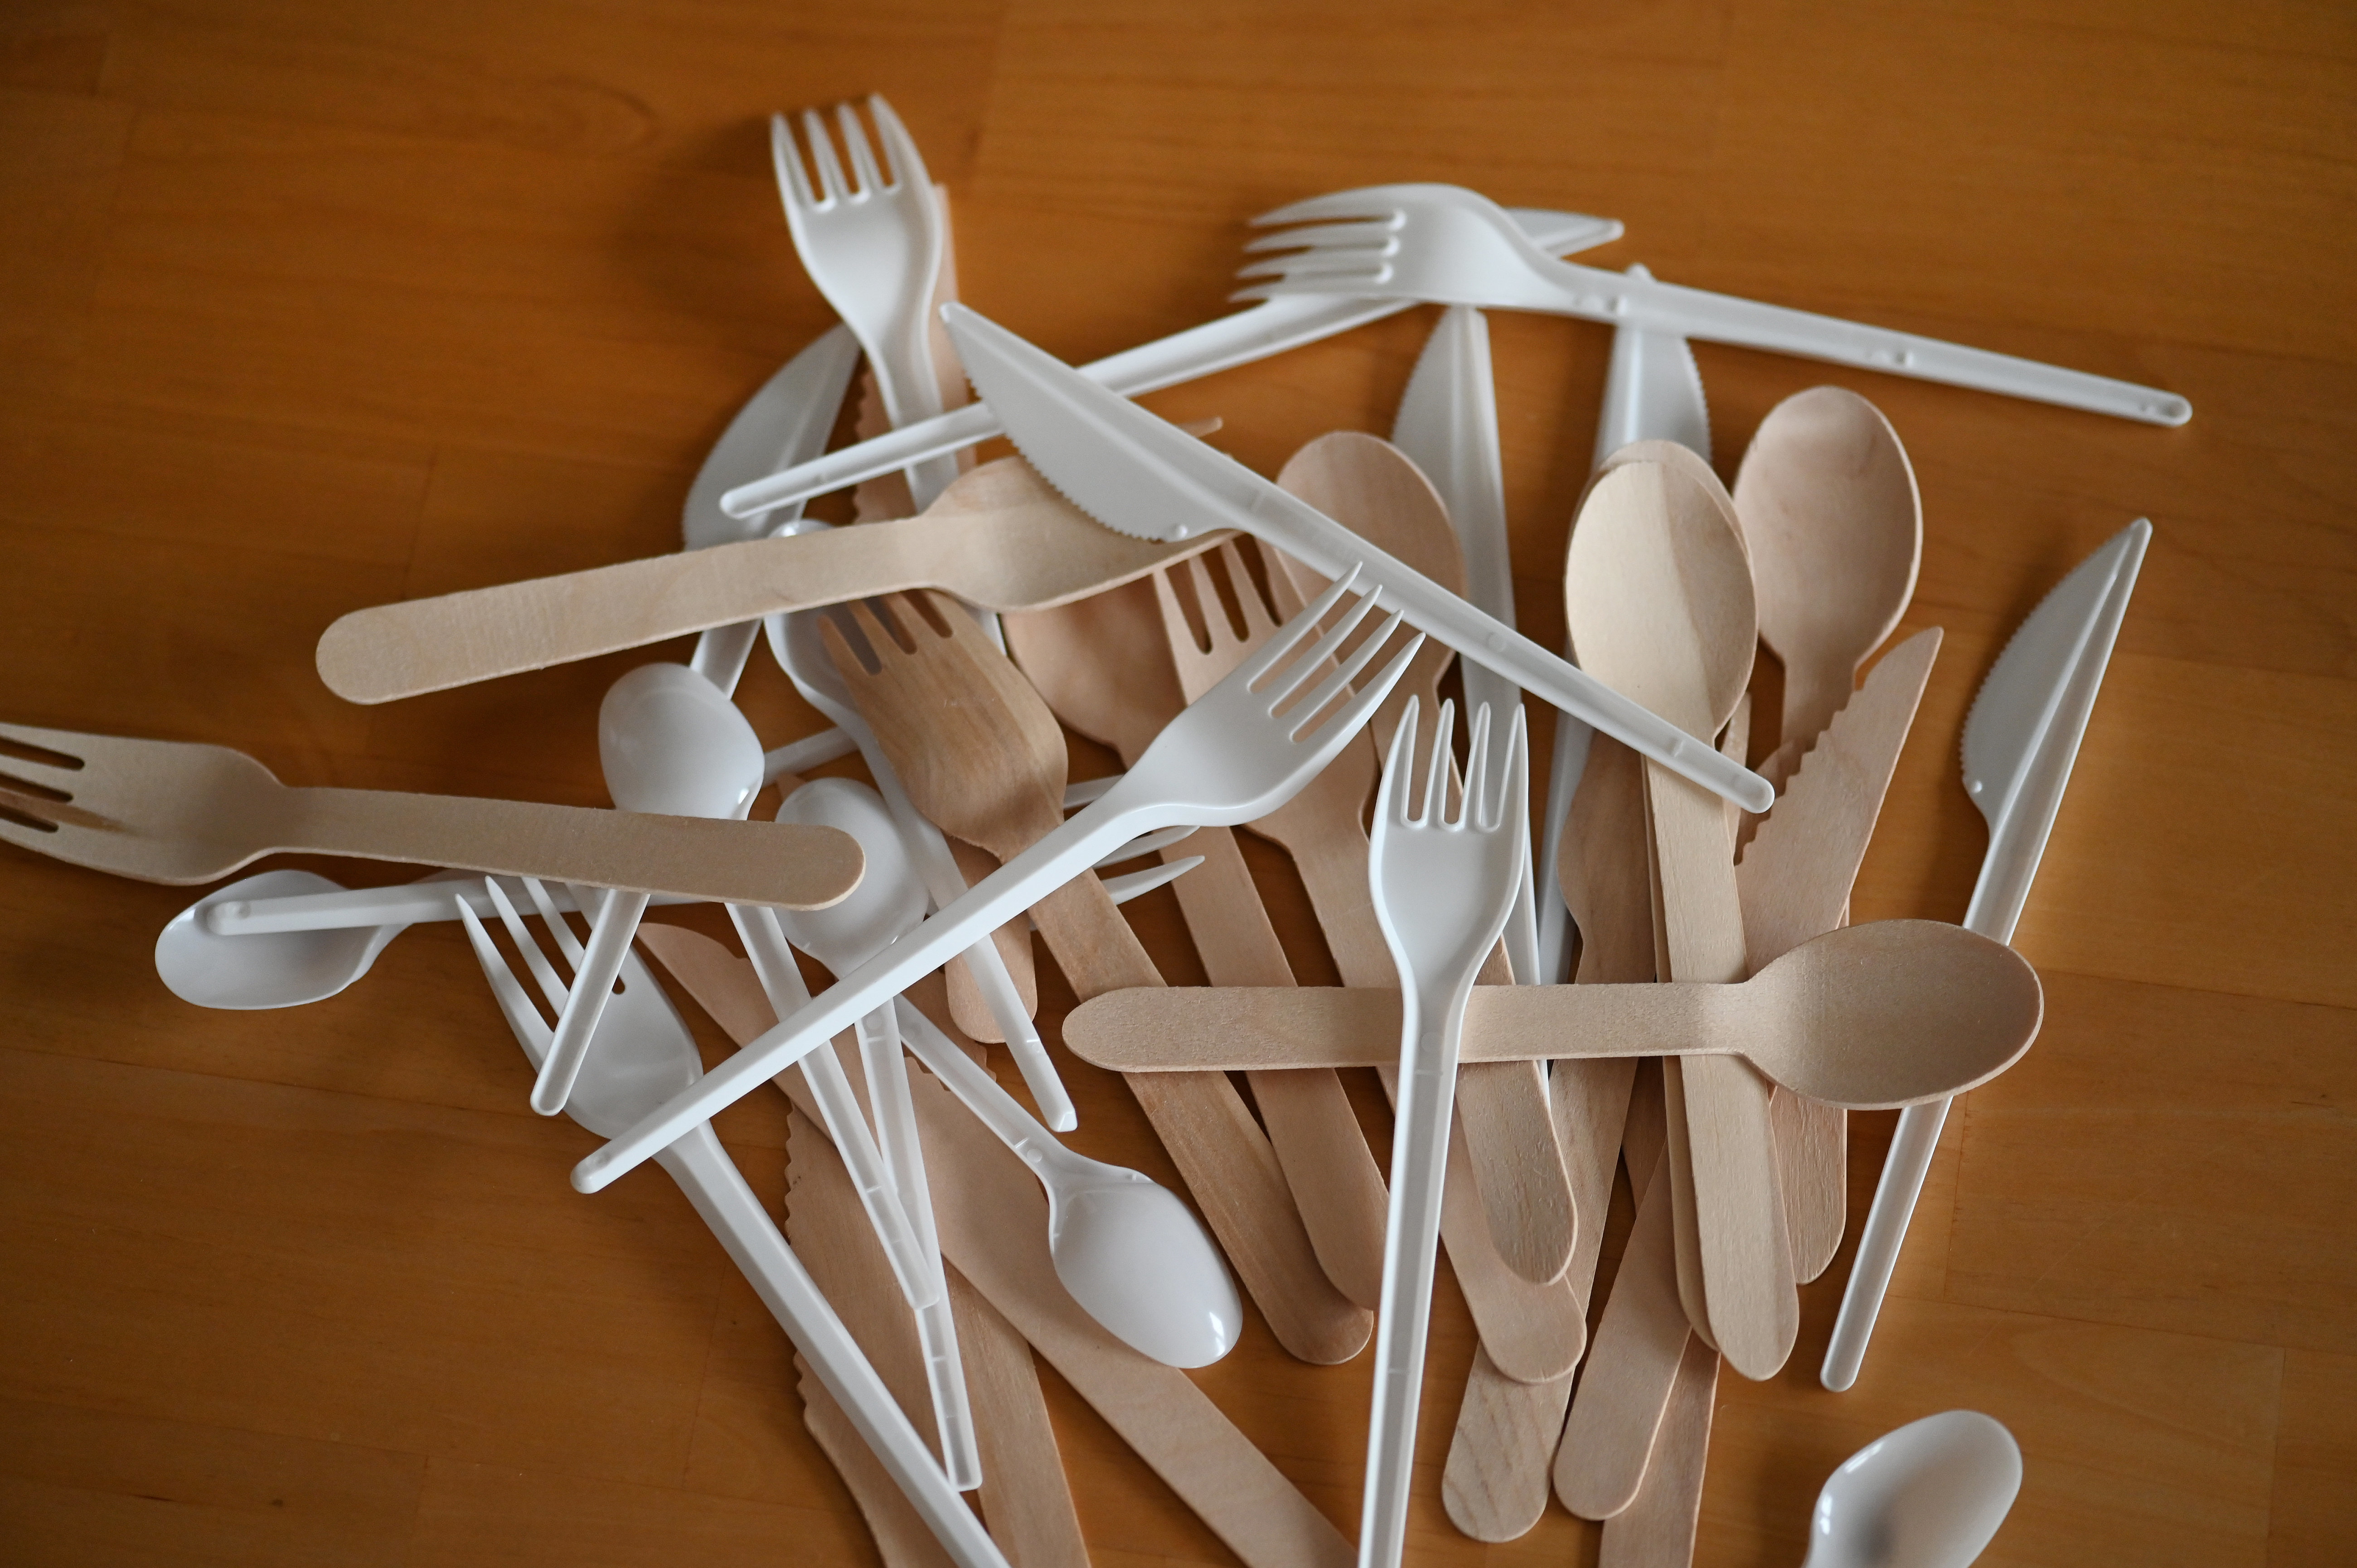 Nébih: Illegális a műanyagot és bambuszt együttesen tartalmazó termékek forgalmazása